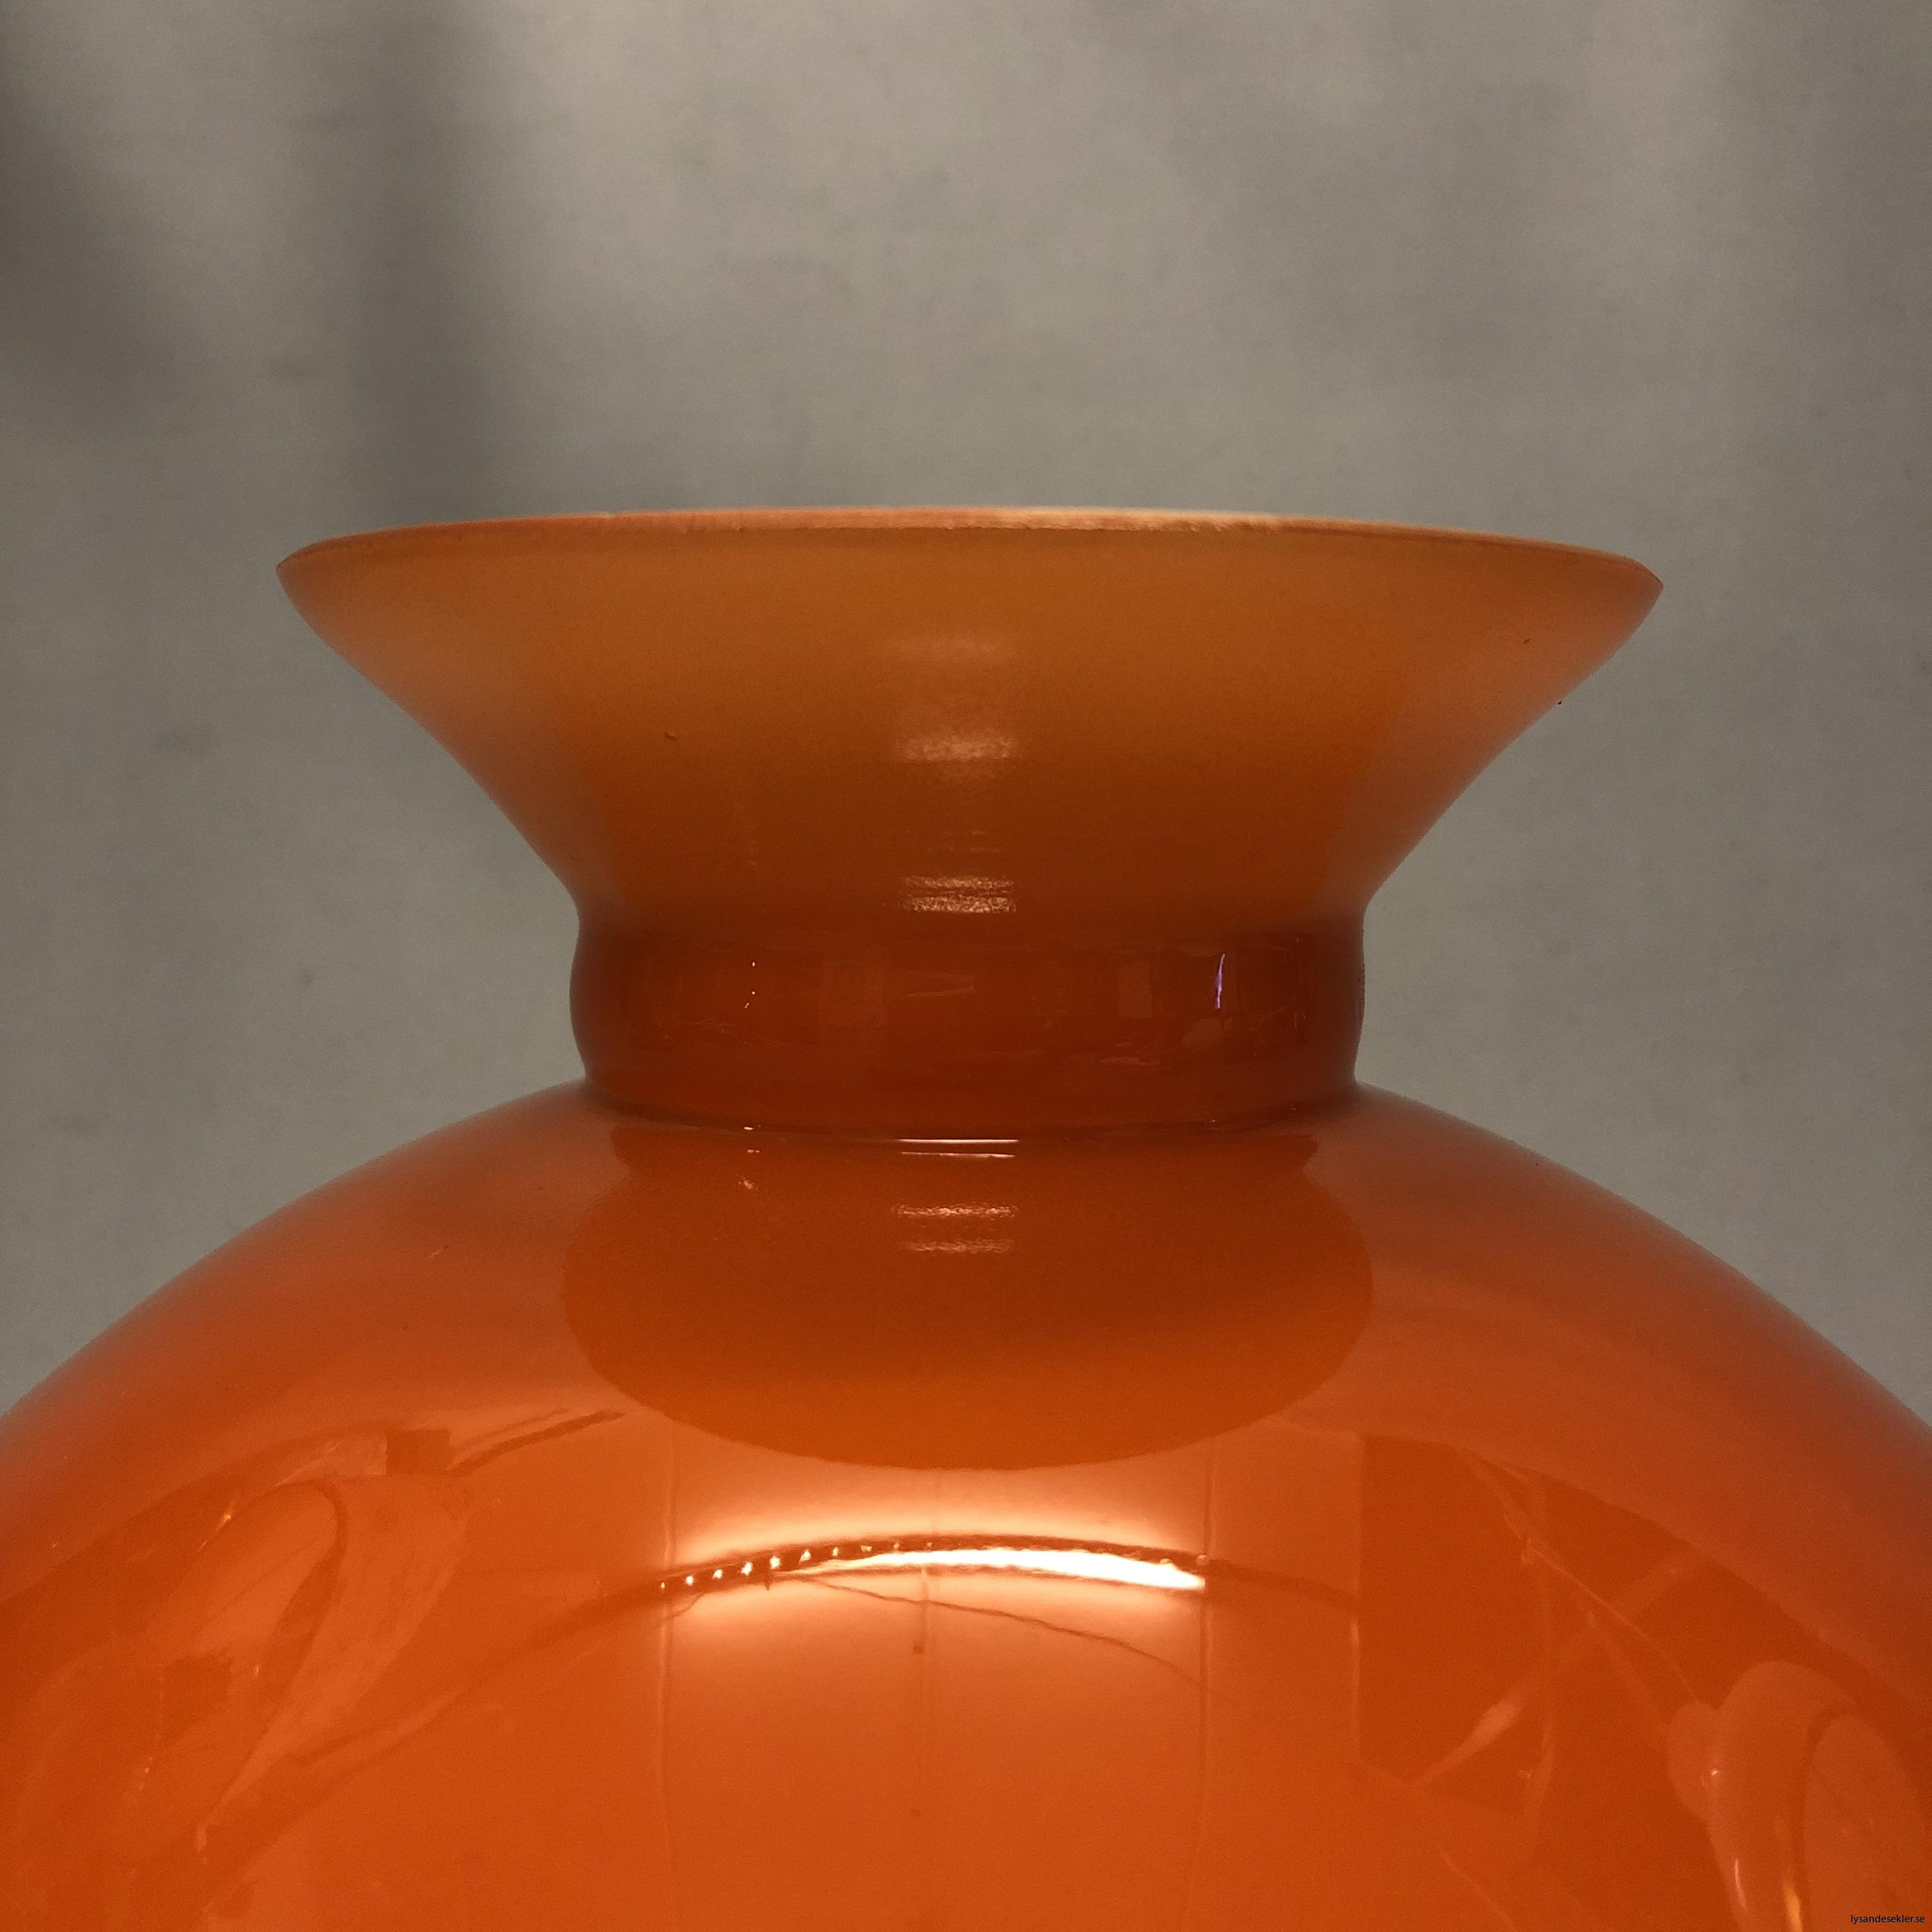 färgad vesta vestaskärm i färg fotogenskärm grön röd gul orange skärm till fotogenlampa46